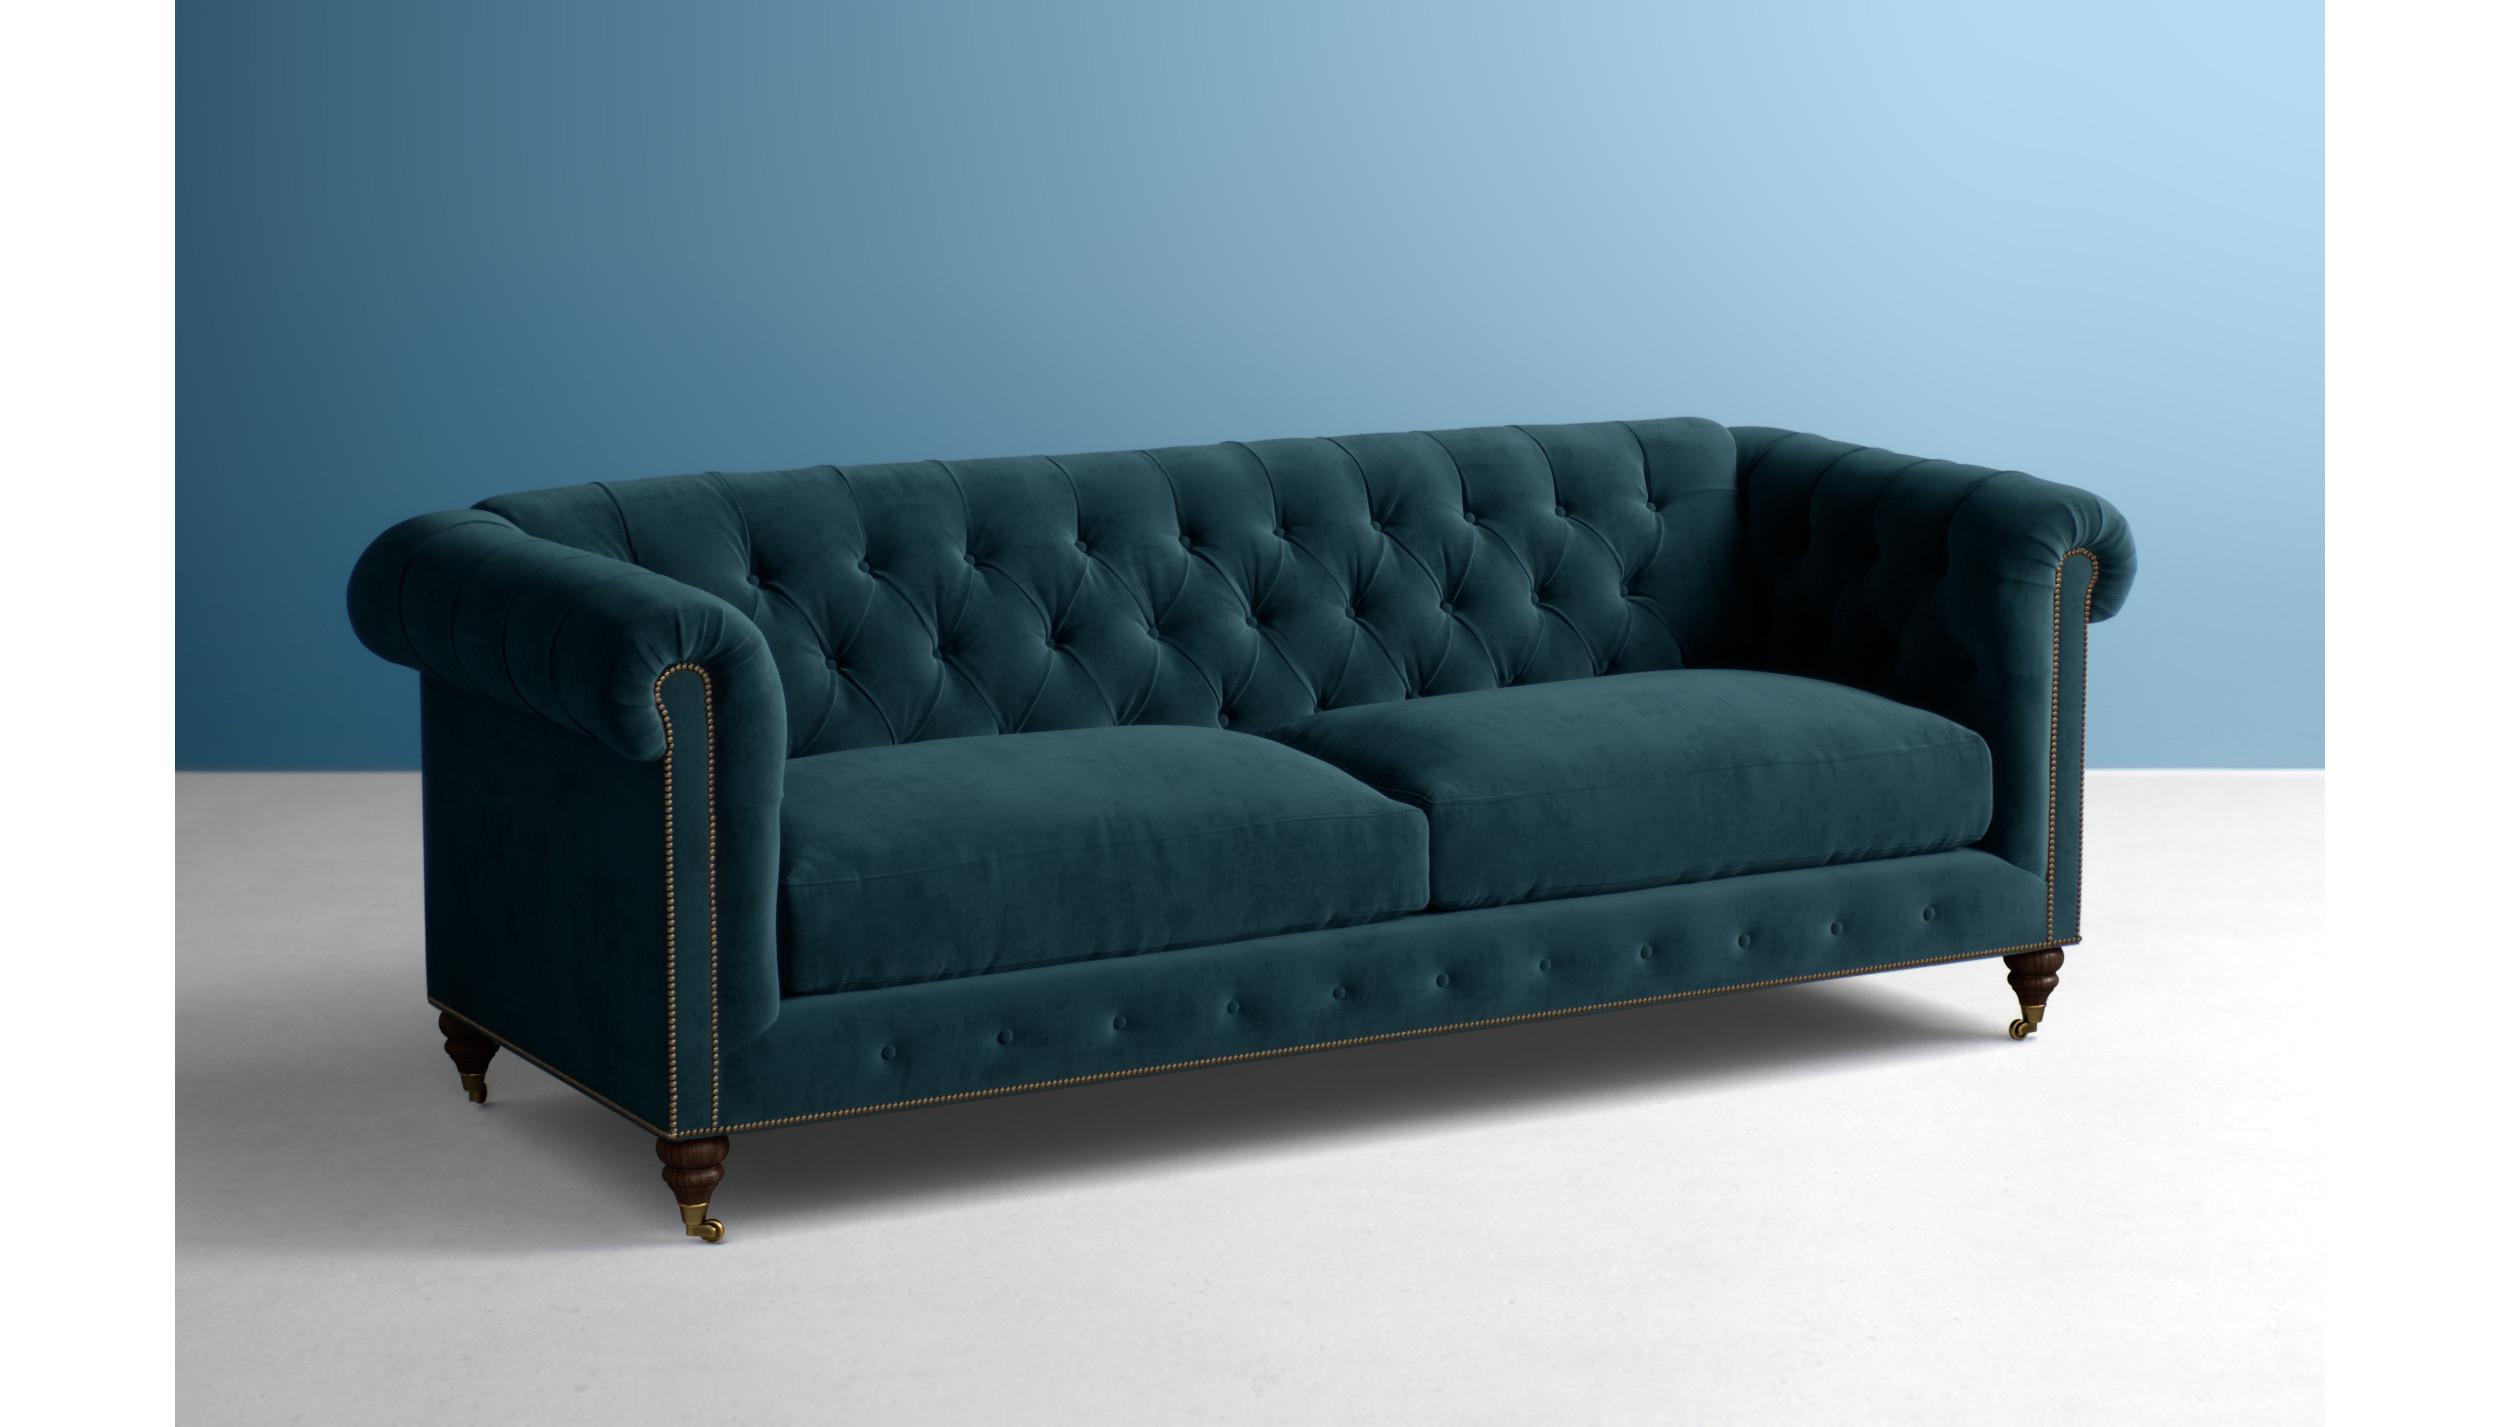 96 Navy Blue Chesterfield Sofa Navy Blue Velvet